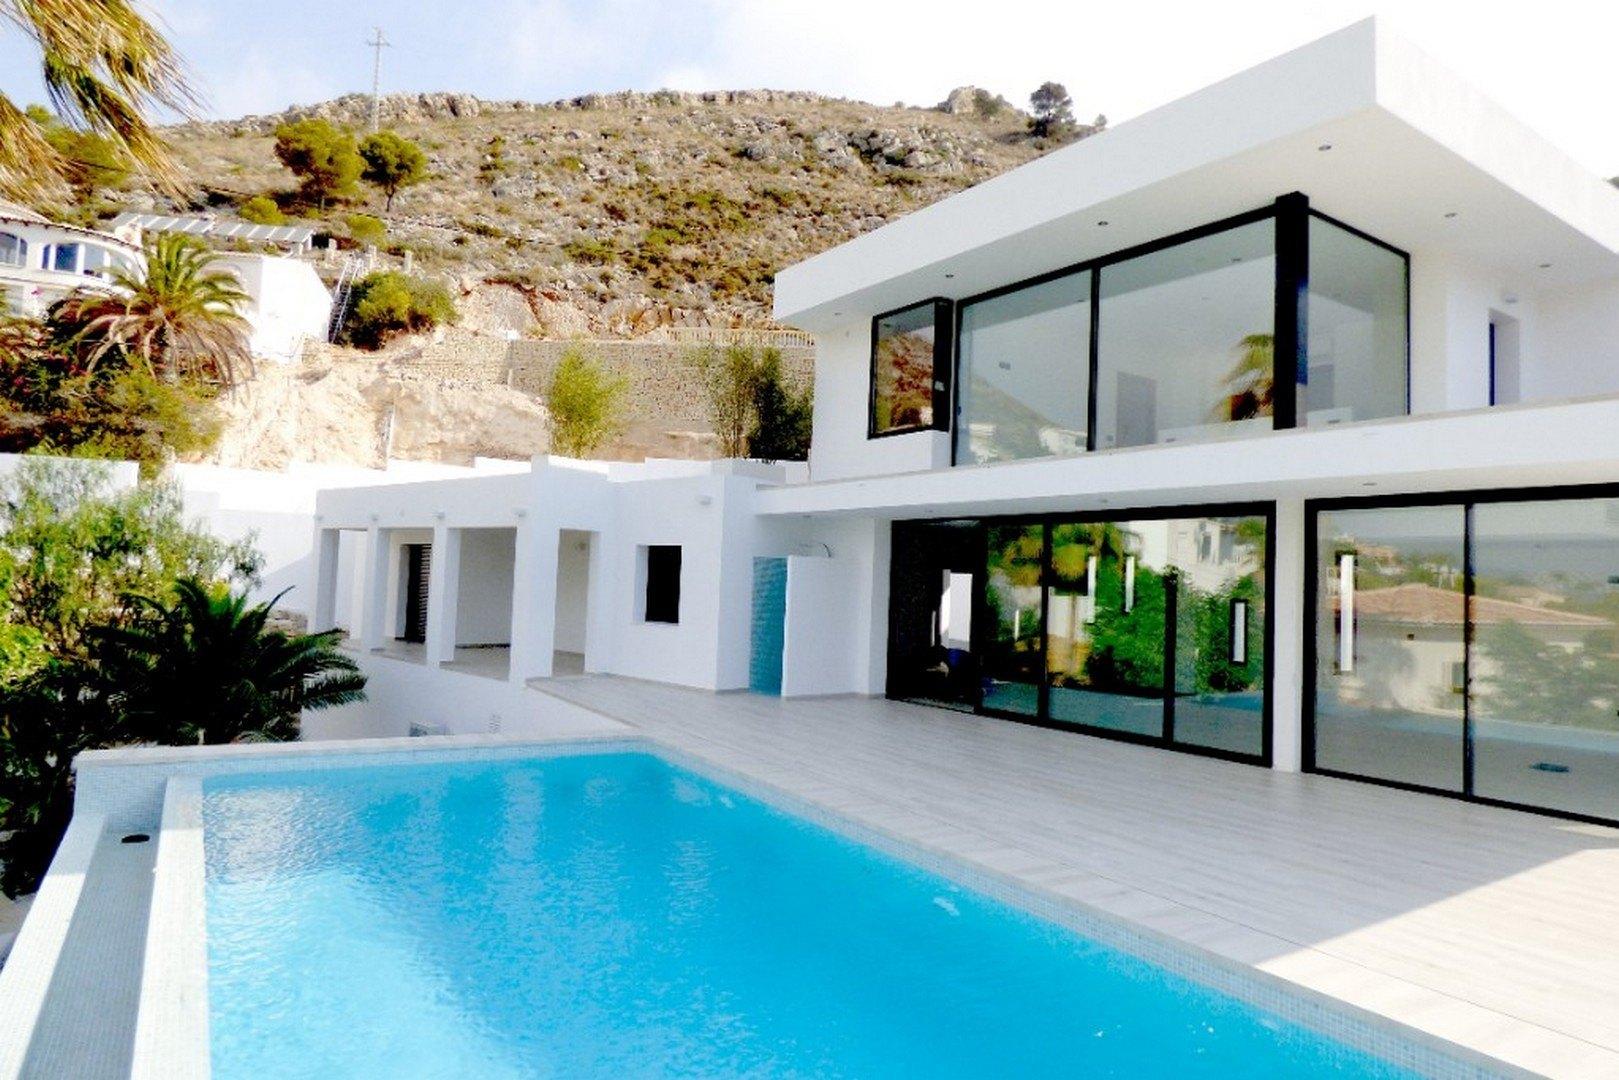 Fotogallerij - 1 - Build a villa in Moraira: villas for sale in Moraira